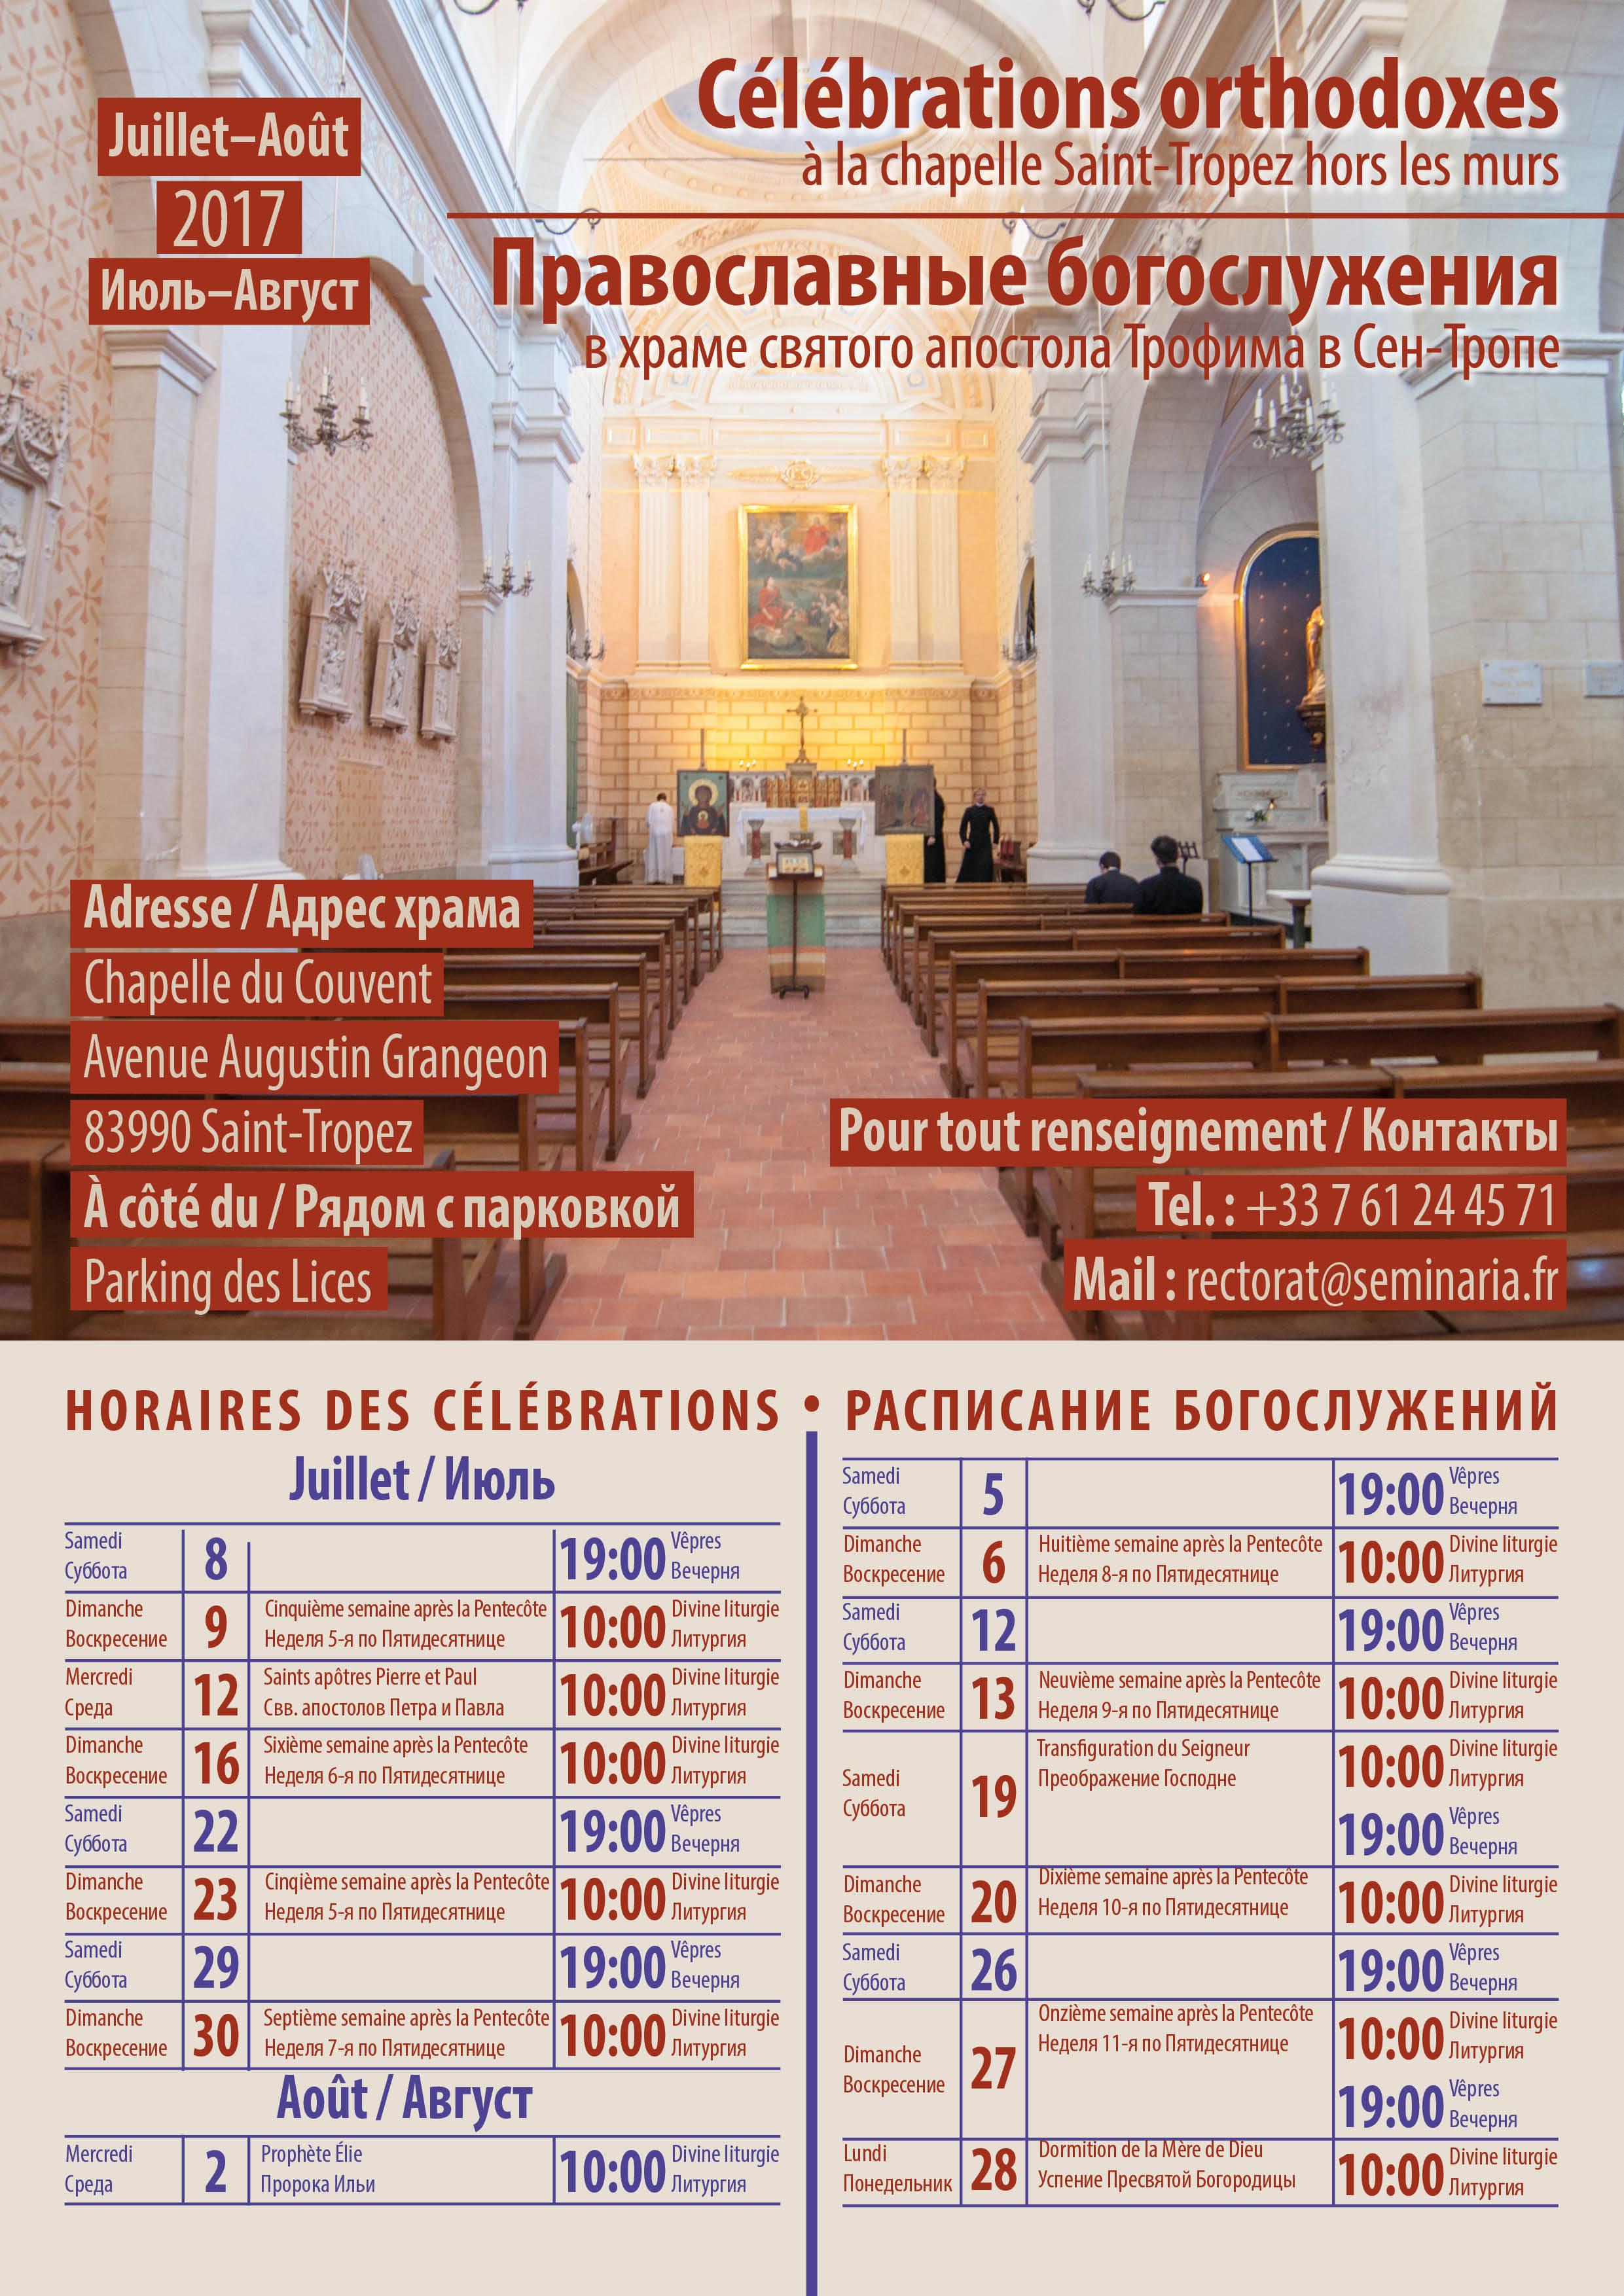 Horaires des célébrations orthodoxes à Saint-Tropez en été 2017